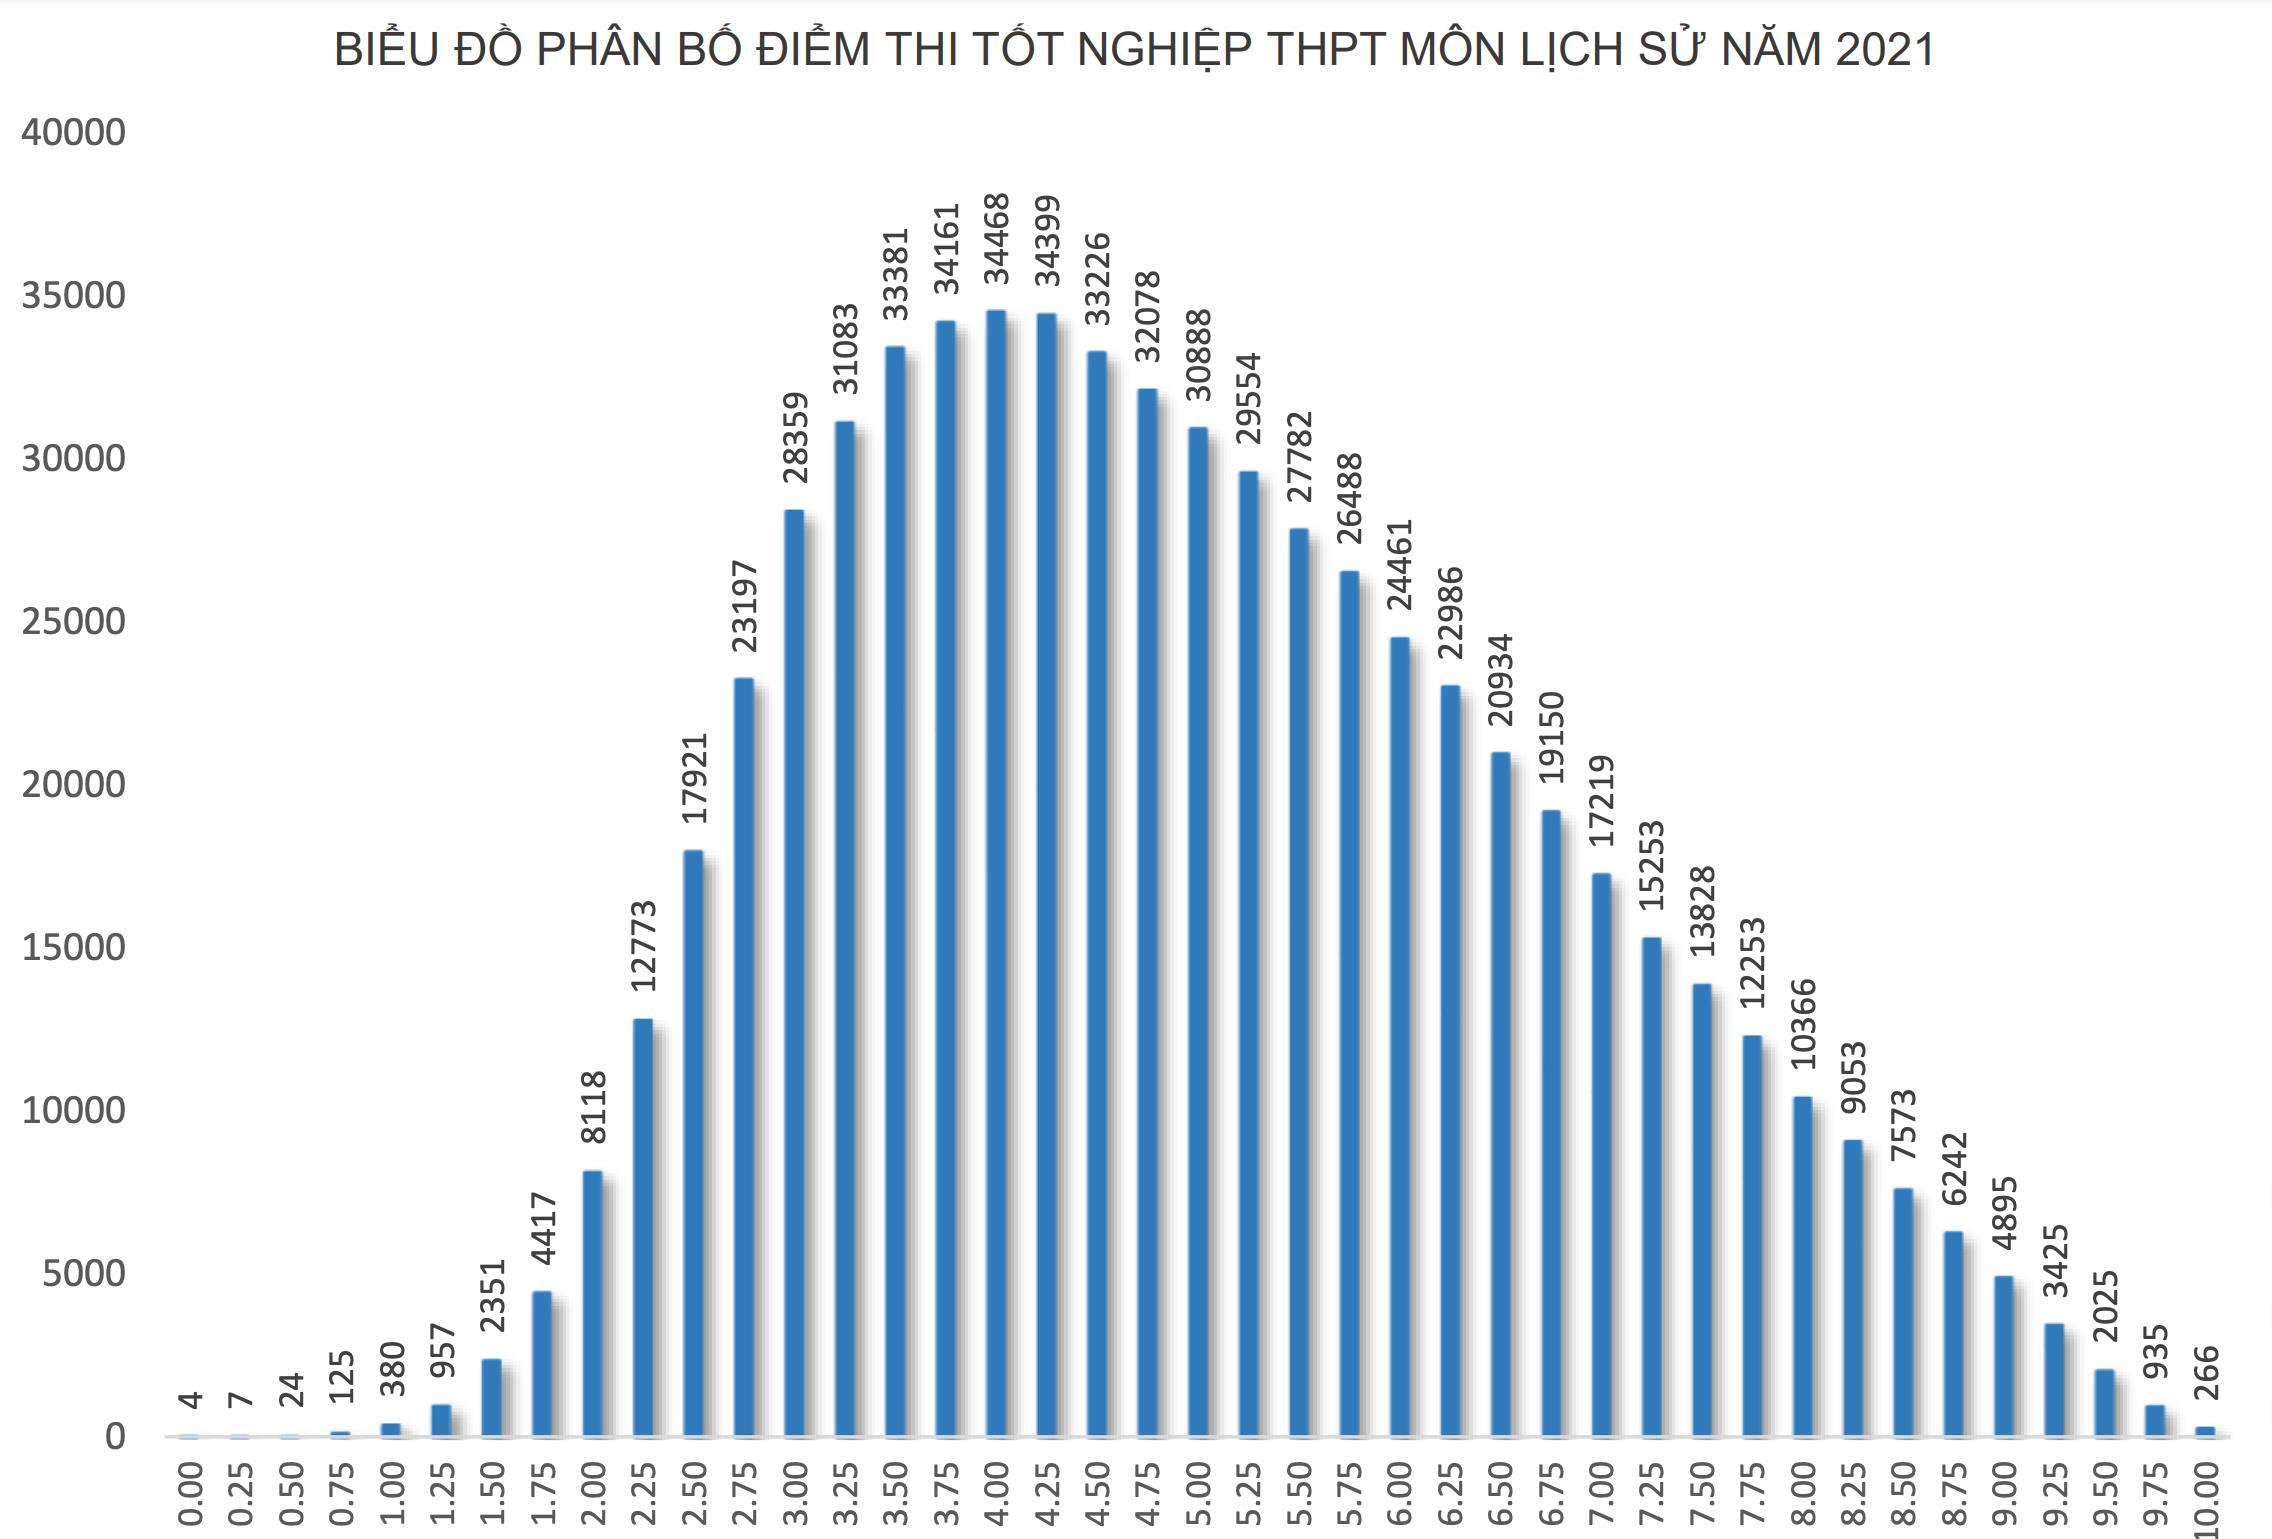 """Môn Lịch sử """"đội sổ"""", hơn 50% thí sinh đạt điểm dưới trung bình"""